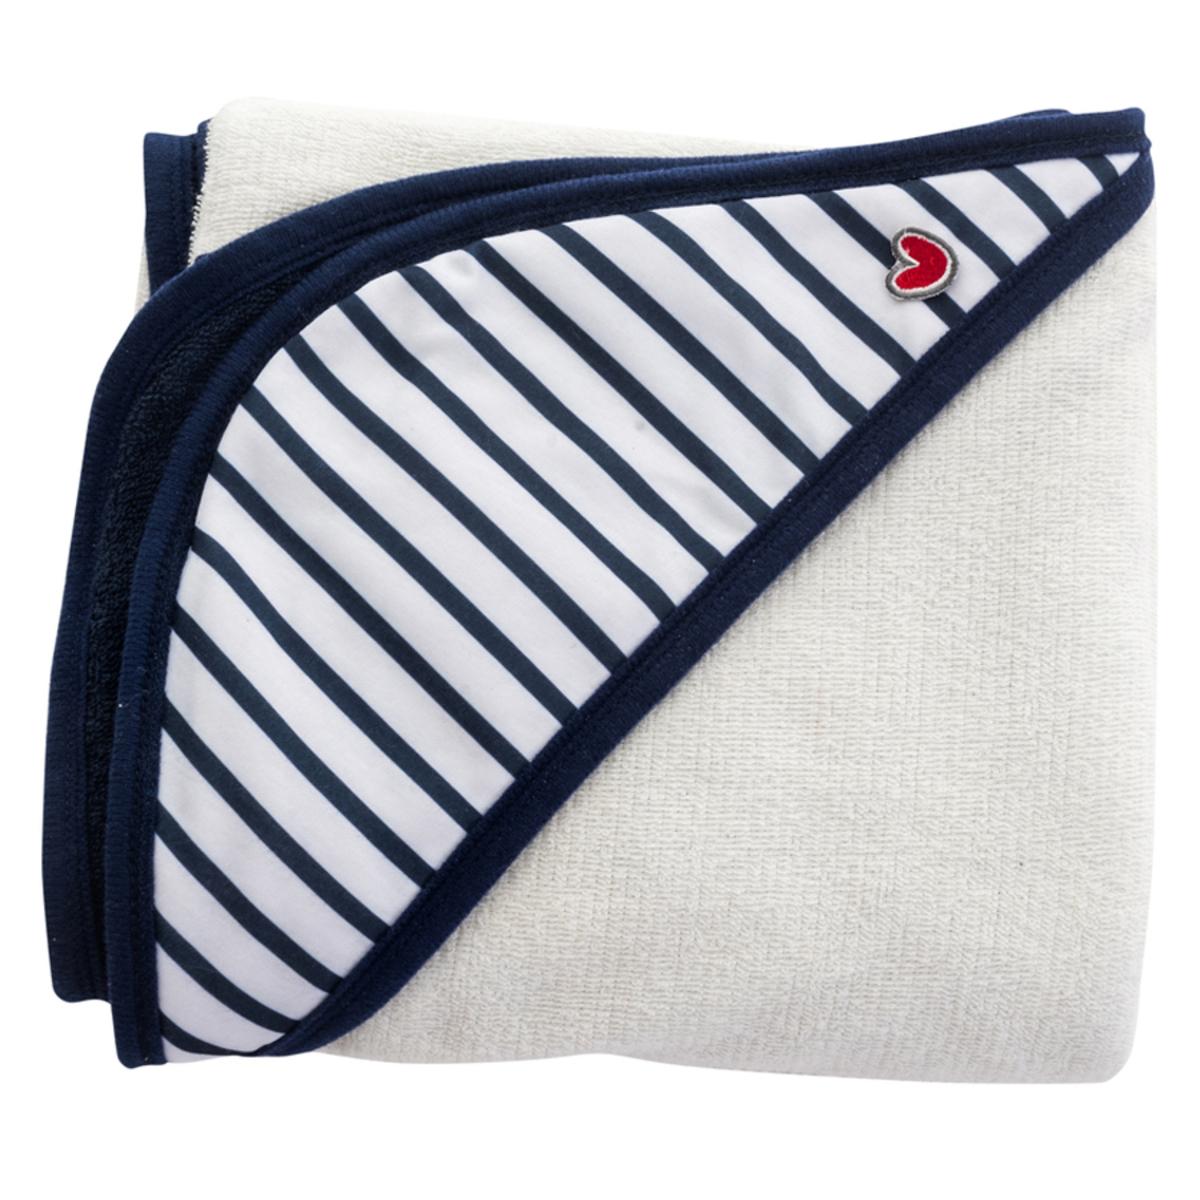 Linge & Sortie de bain Serviette Papillon - Blue Stripes Serviette Papillon - Blue Stripes